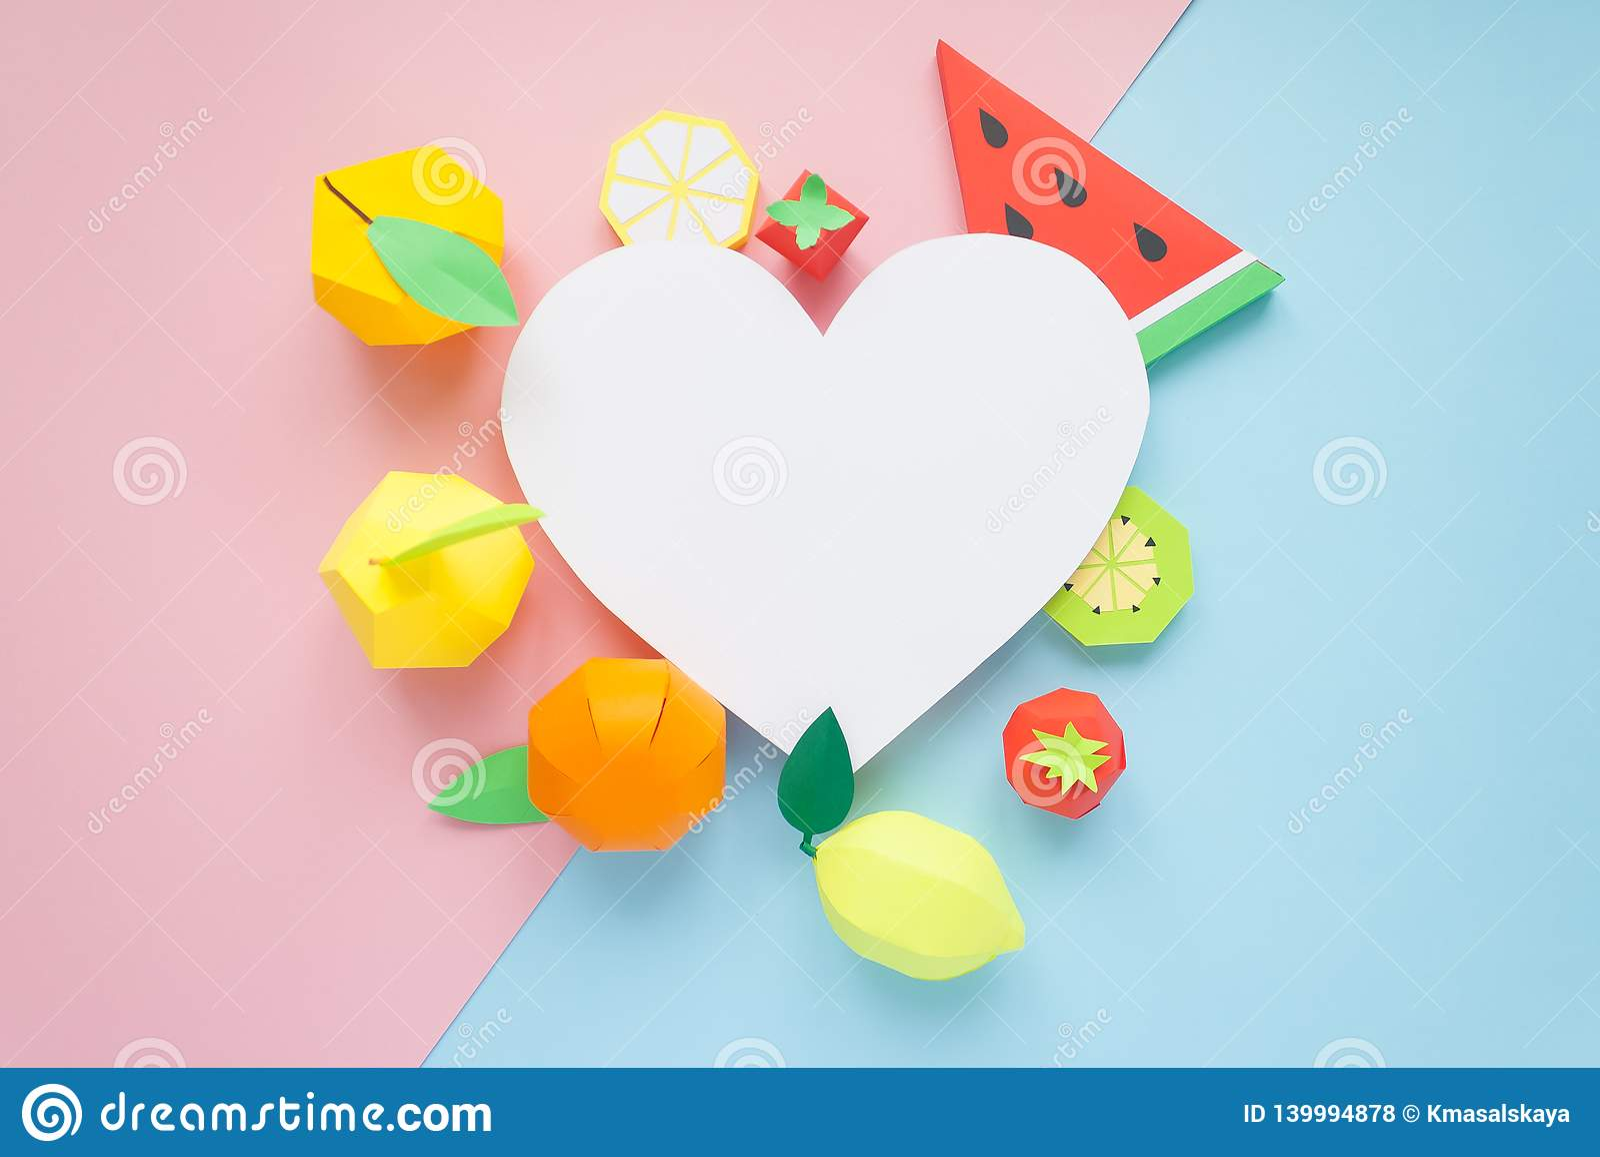 Φρούτα φιαγμένα από έγγραφο μπλε ροζ ανασκόπησης Εκεί δωμάτιο ` s για το γράψιμο tropics Επίπεδος βάλτε